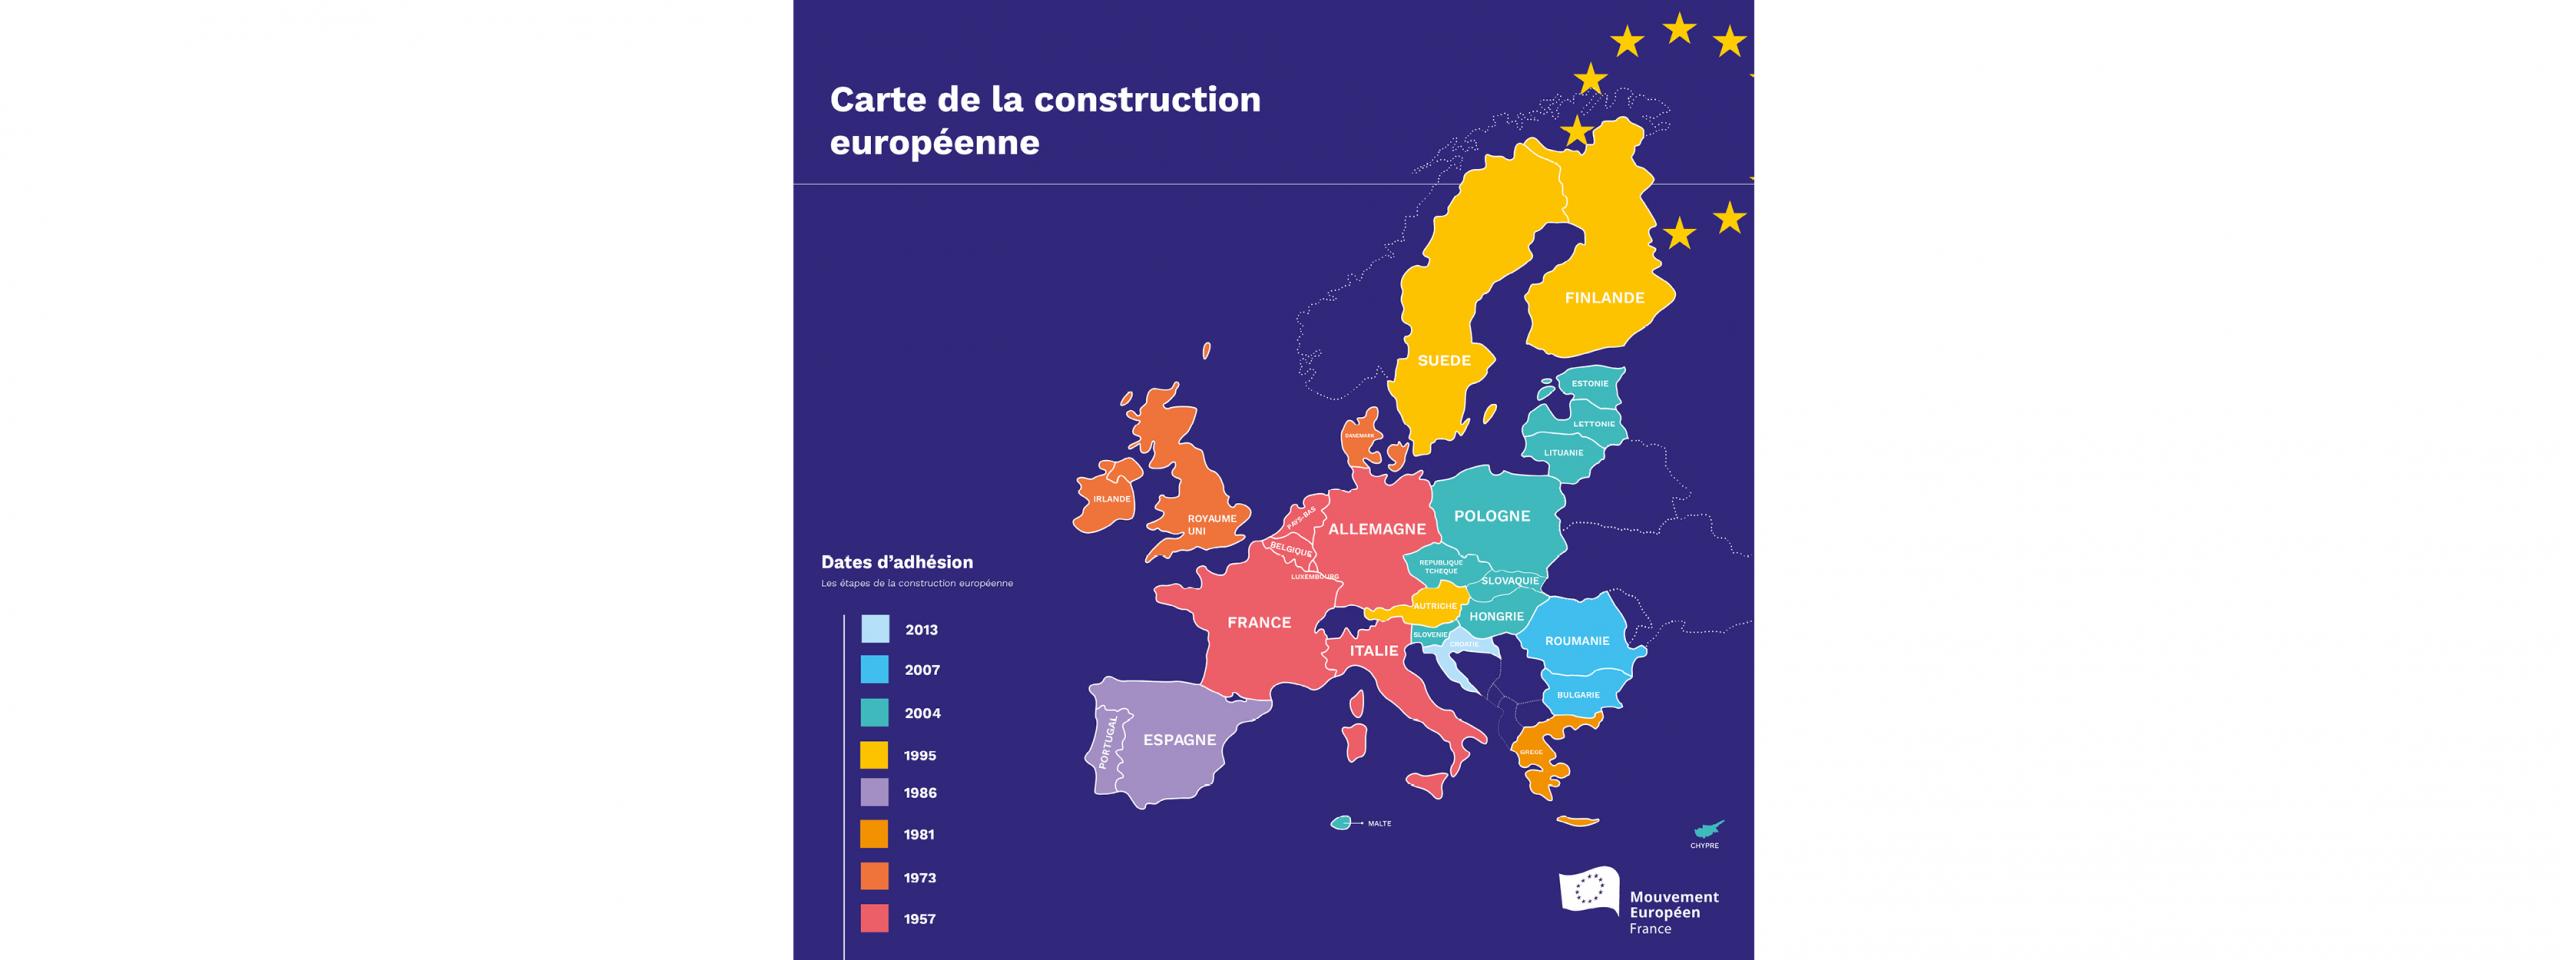 Union Européenne : La Construction Européenne En Carte dedans Carte Des Pays De L Union Européenne